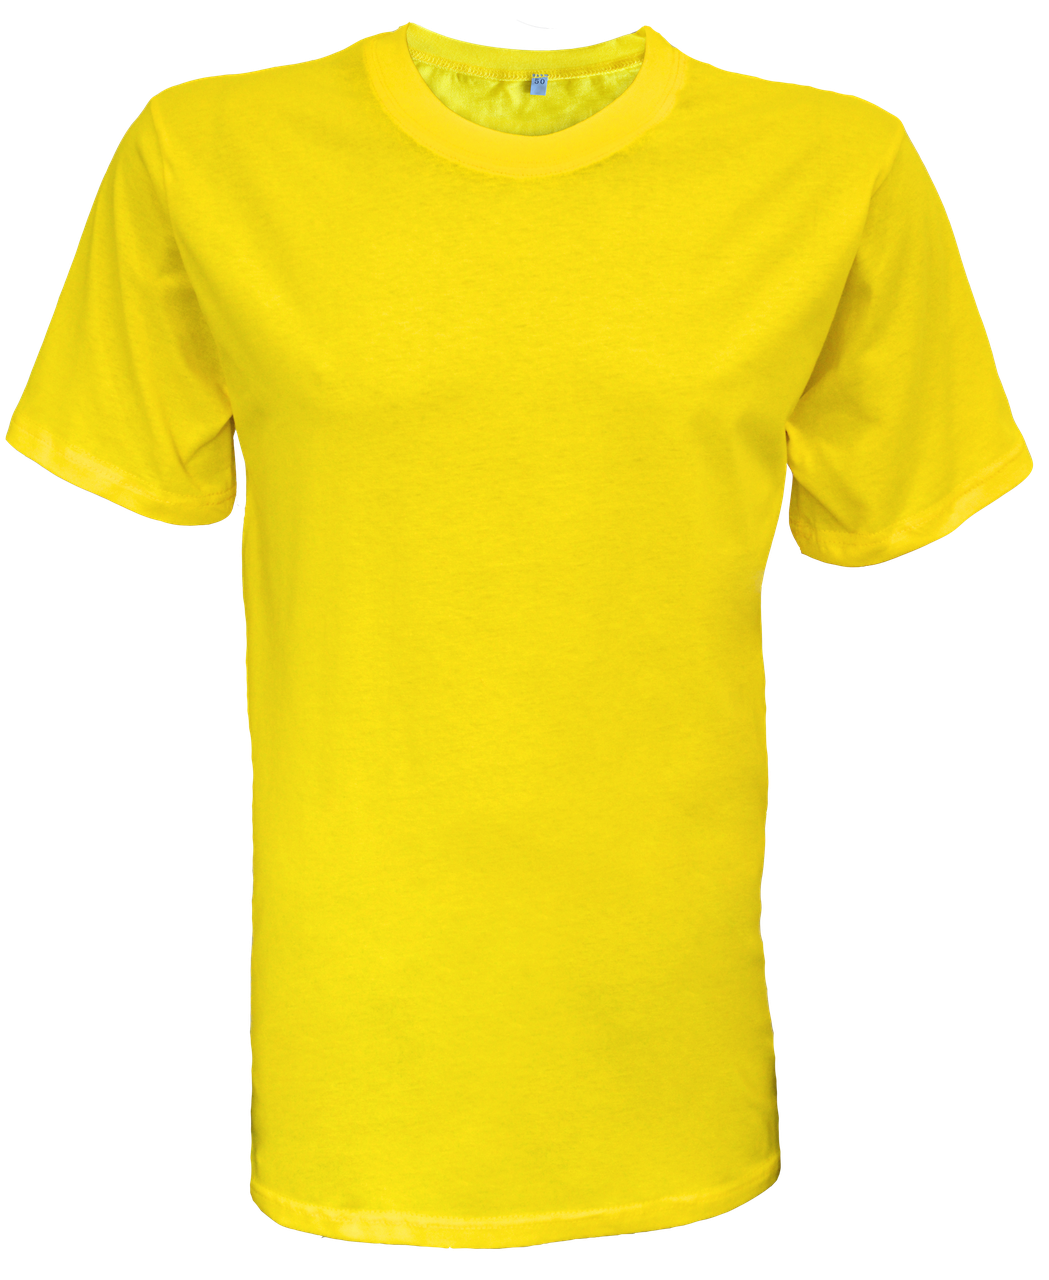 Футболки желтые (баталы)